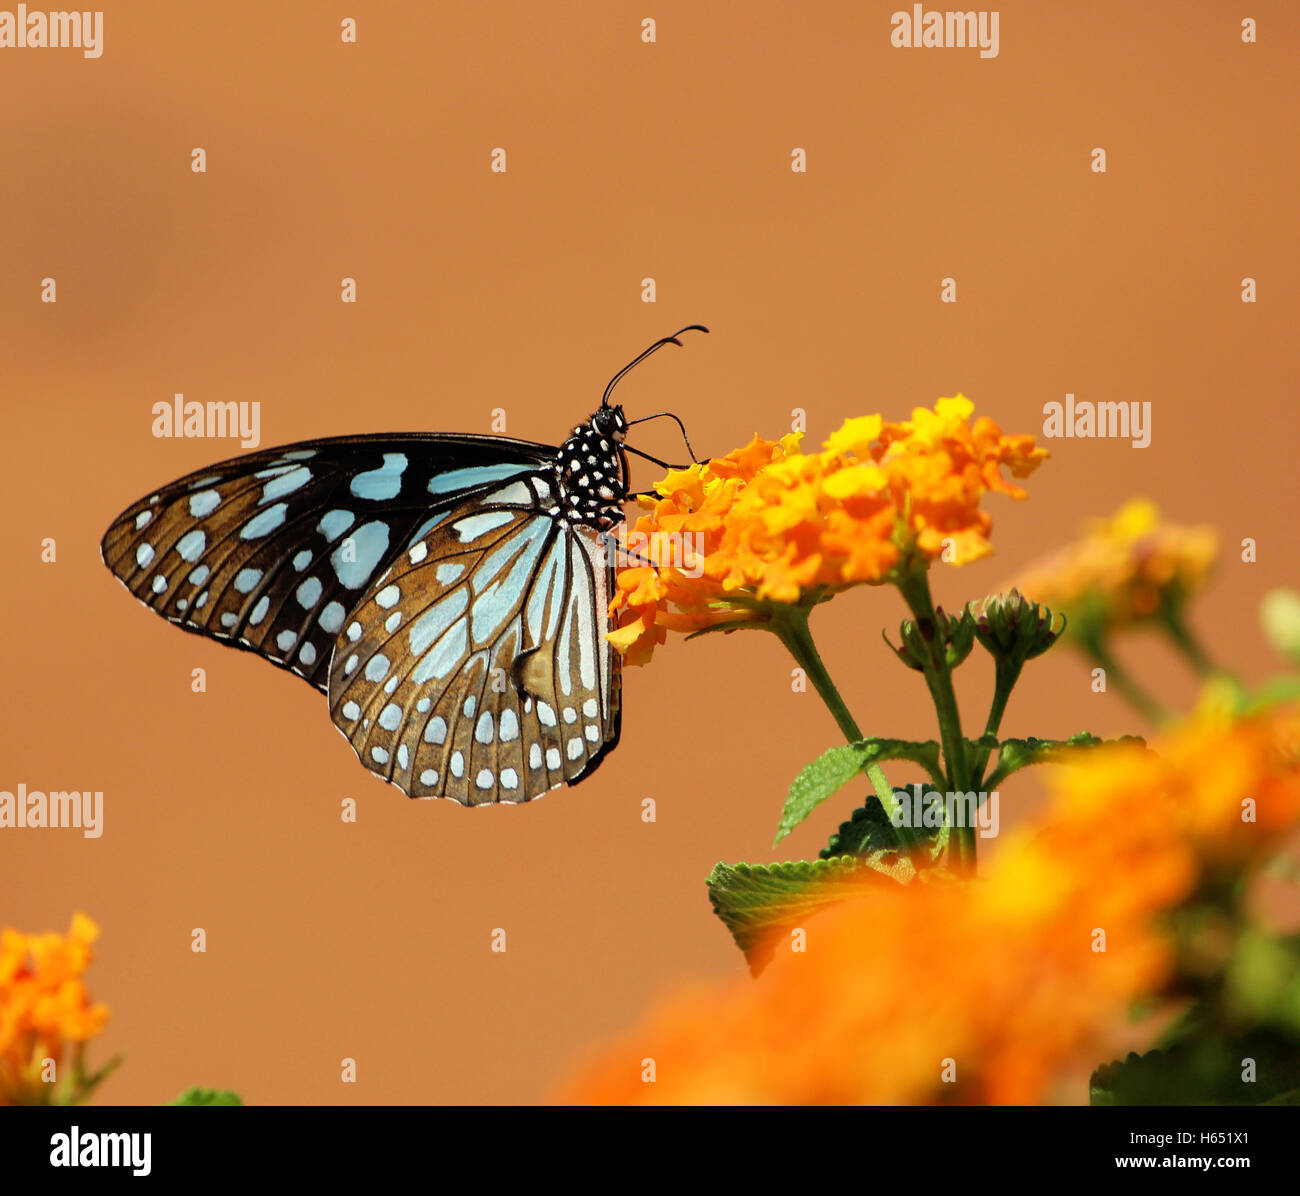 Blue Tiger butterfly alimentazione nome scientifico - Tirumala limniace - Farfalle del subcontinente indiano Immagini Stock